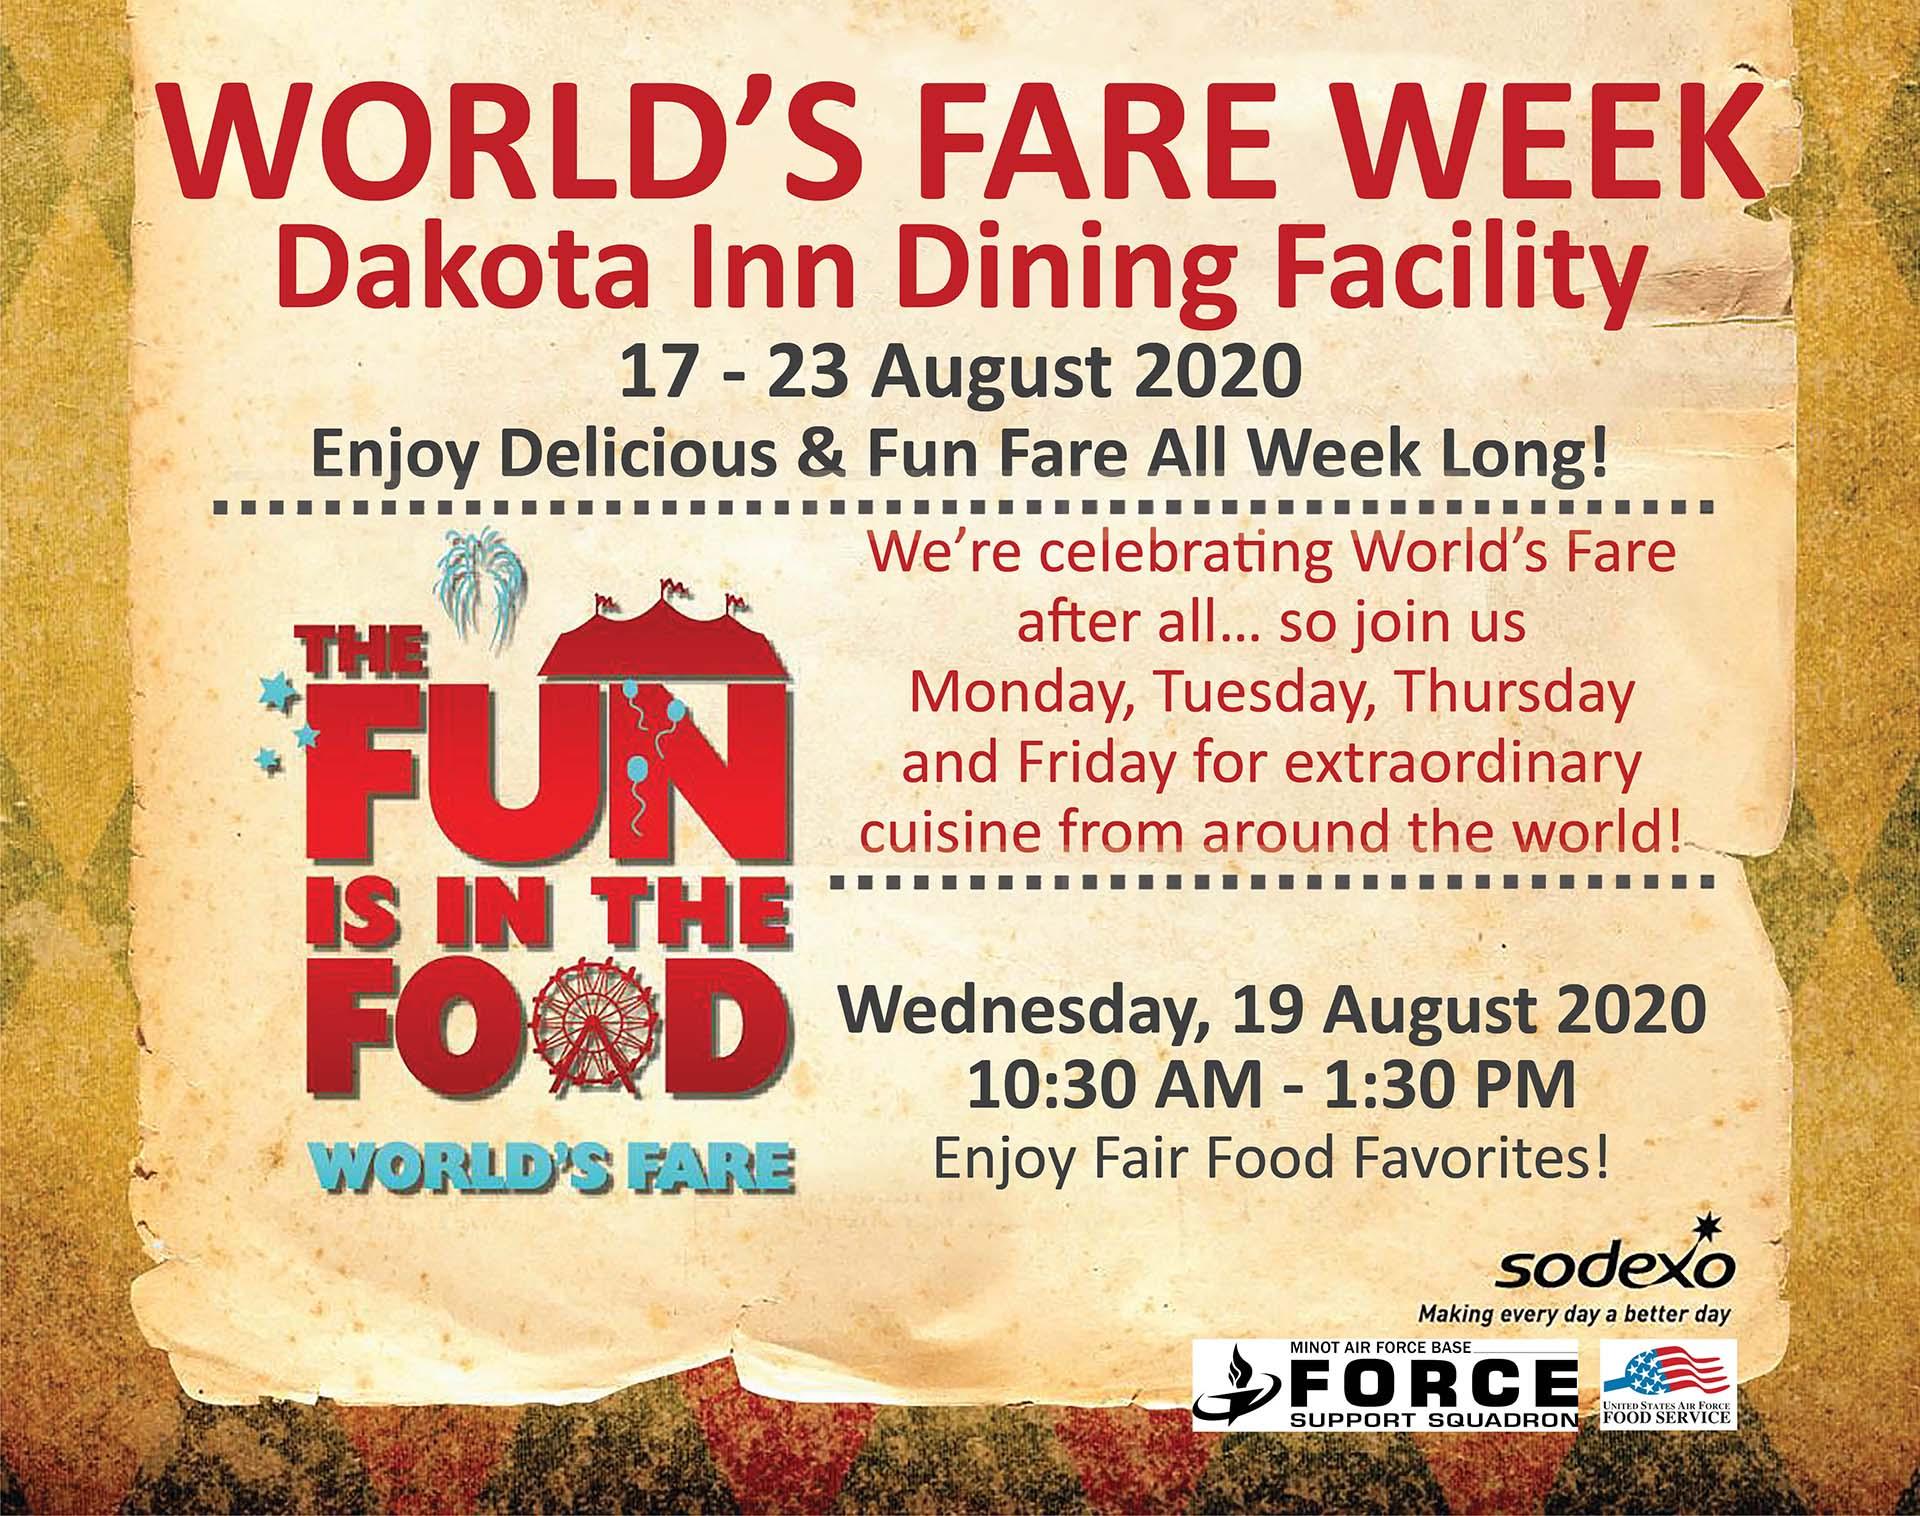 World's Fare Week